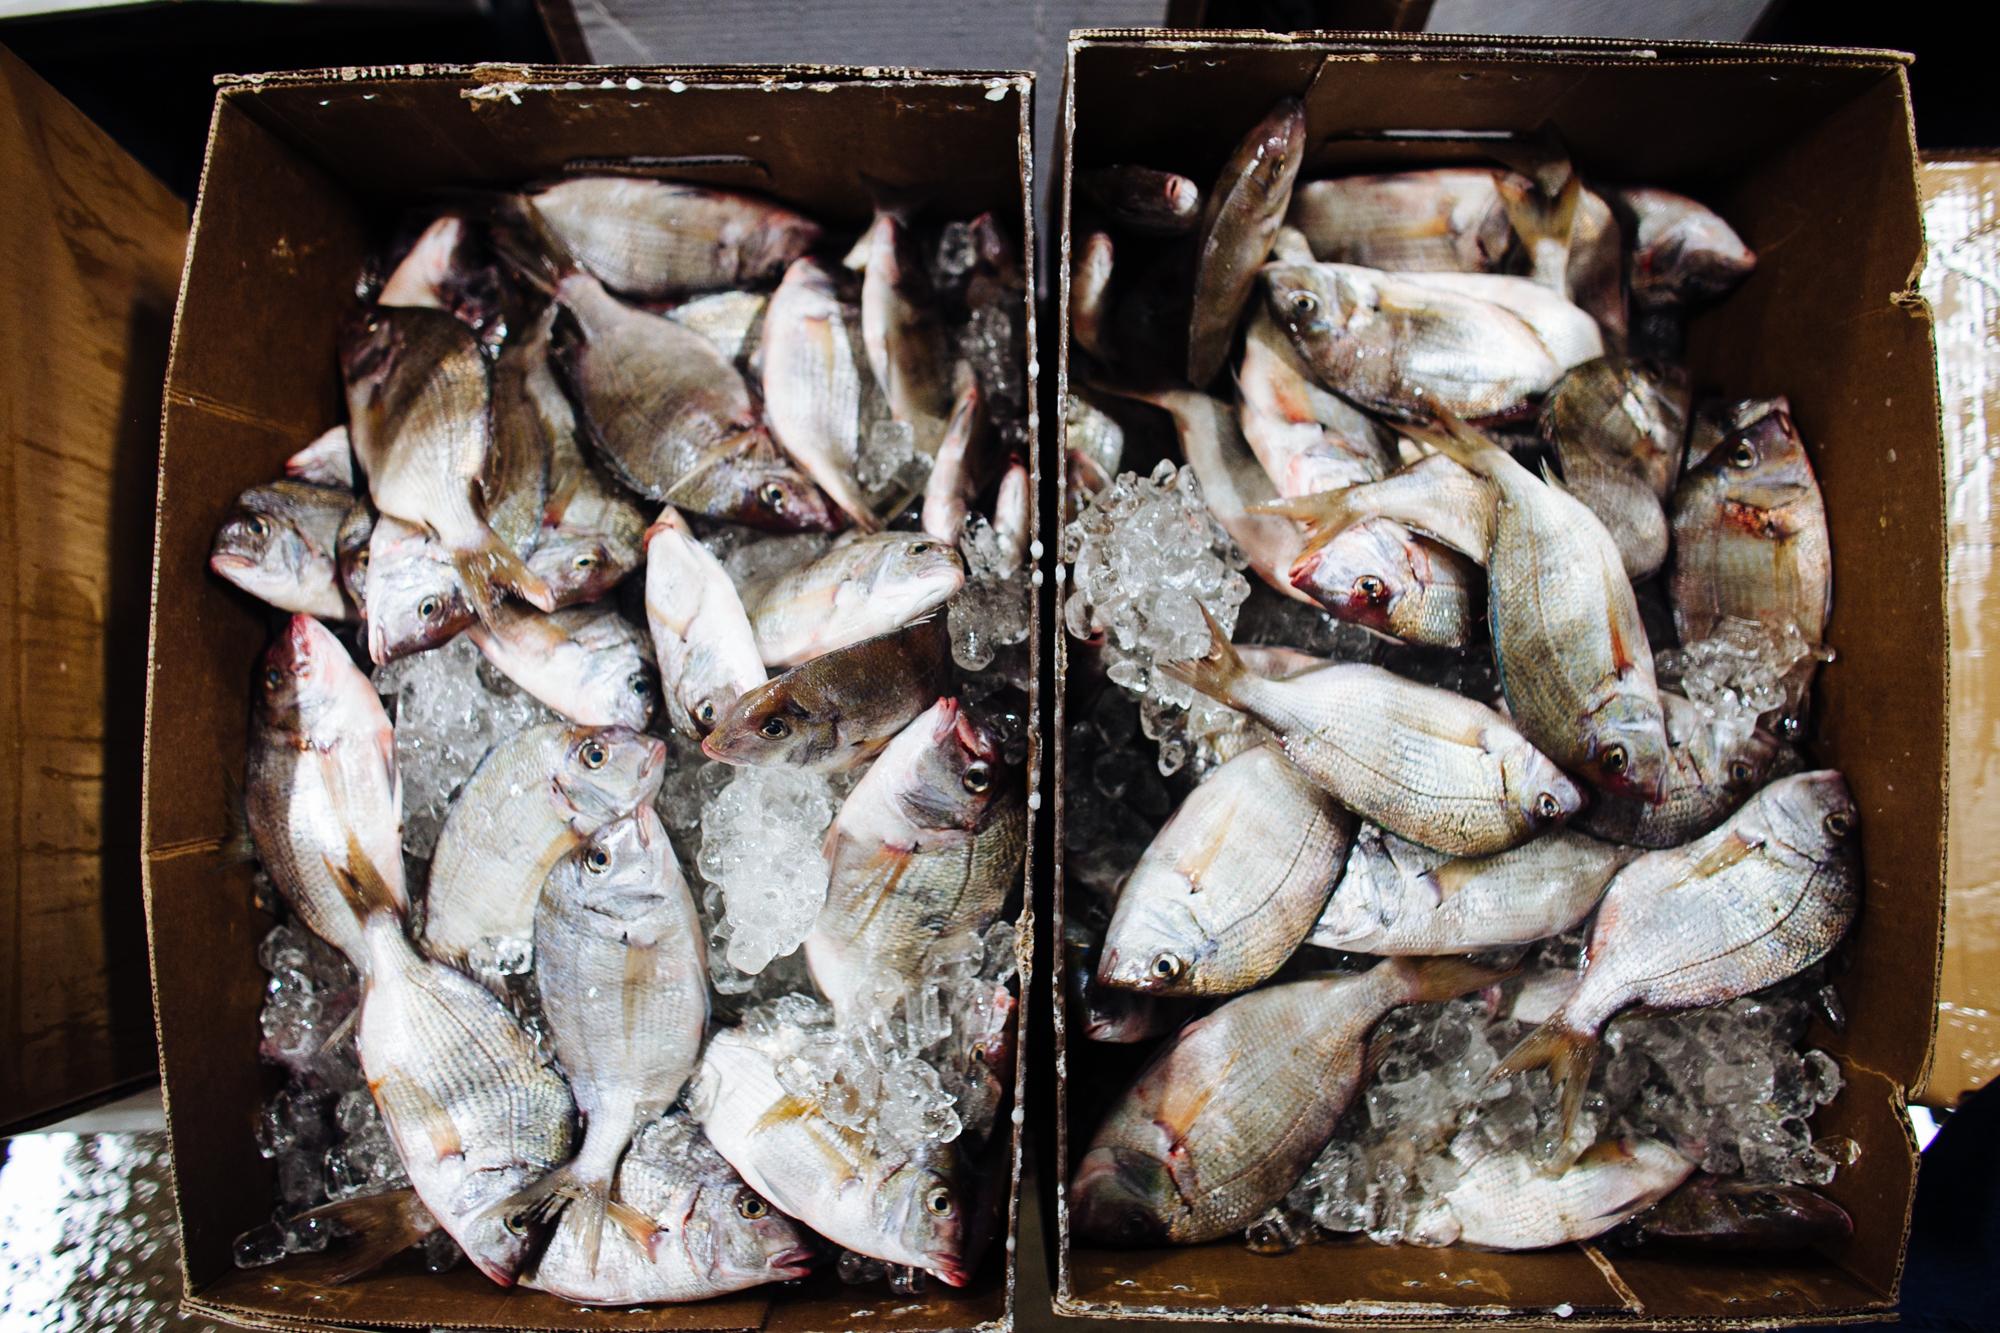 HeatherPhelpsLipton-Fish-HuntsPoint-FultonFishMarket-51.jpg